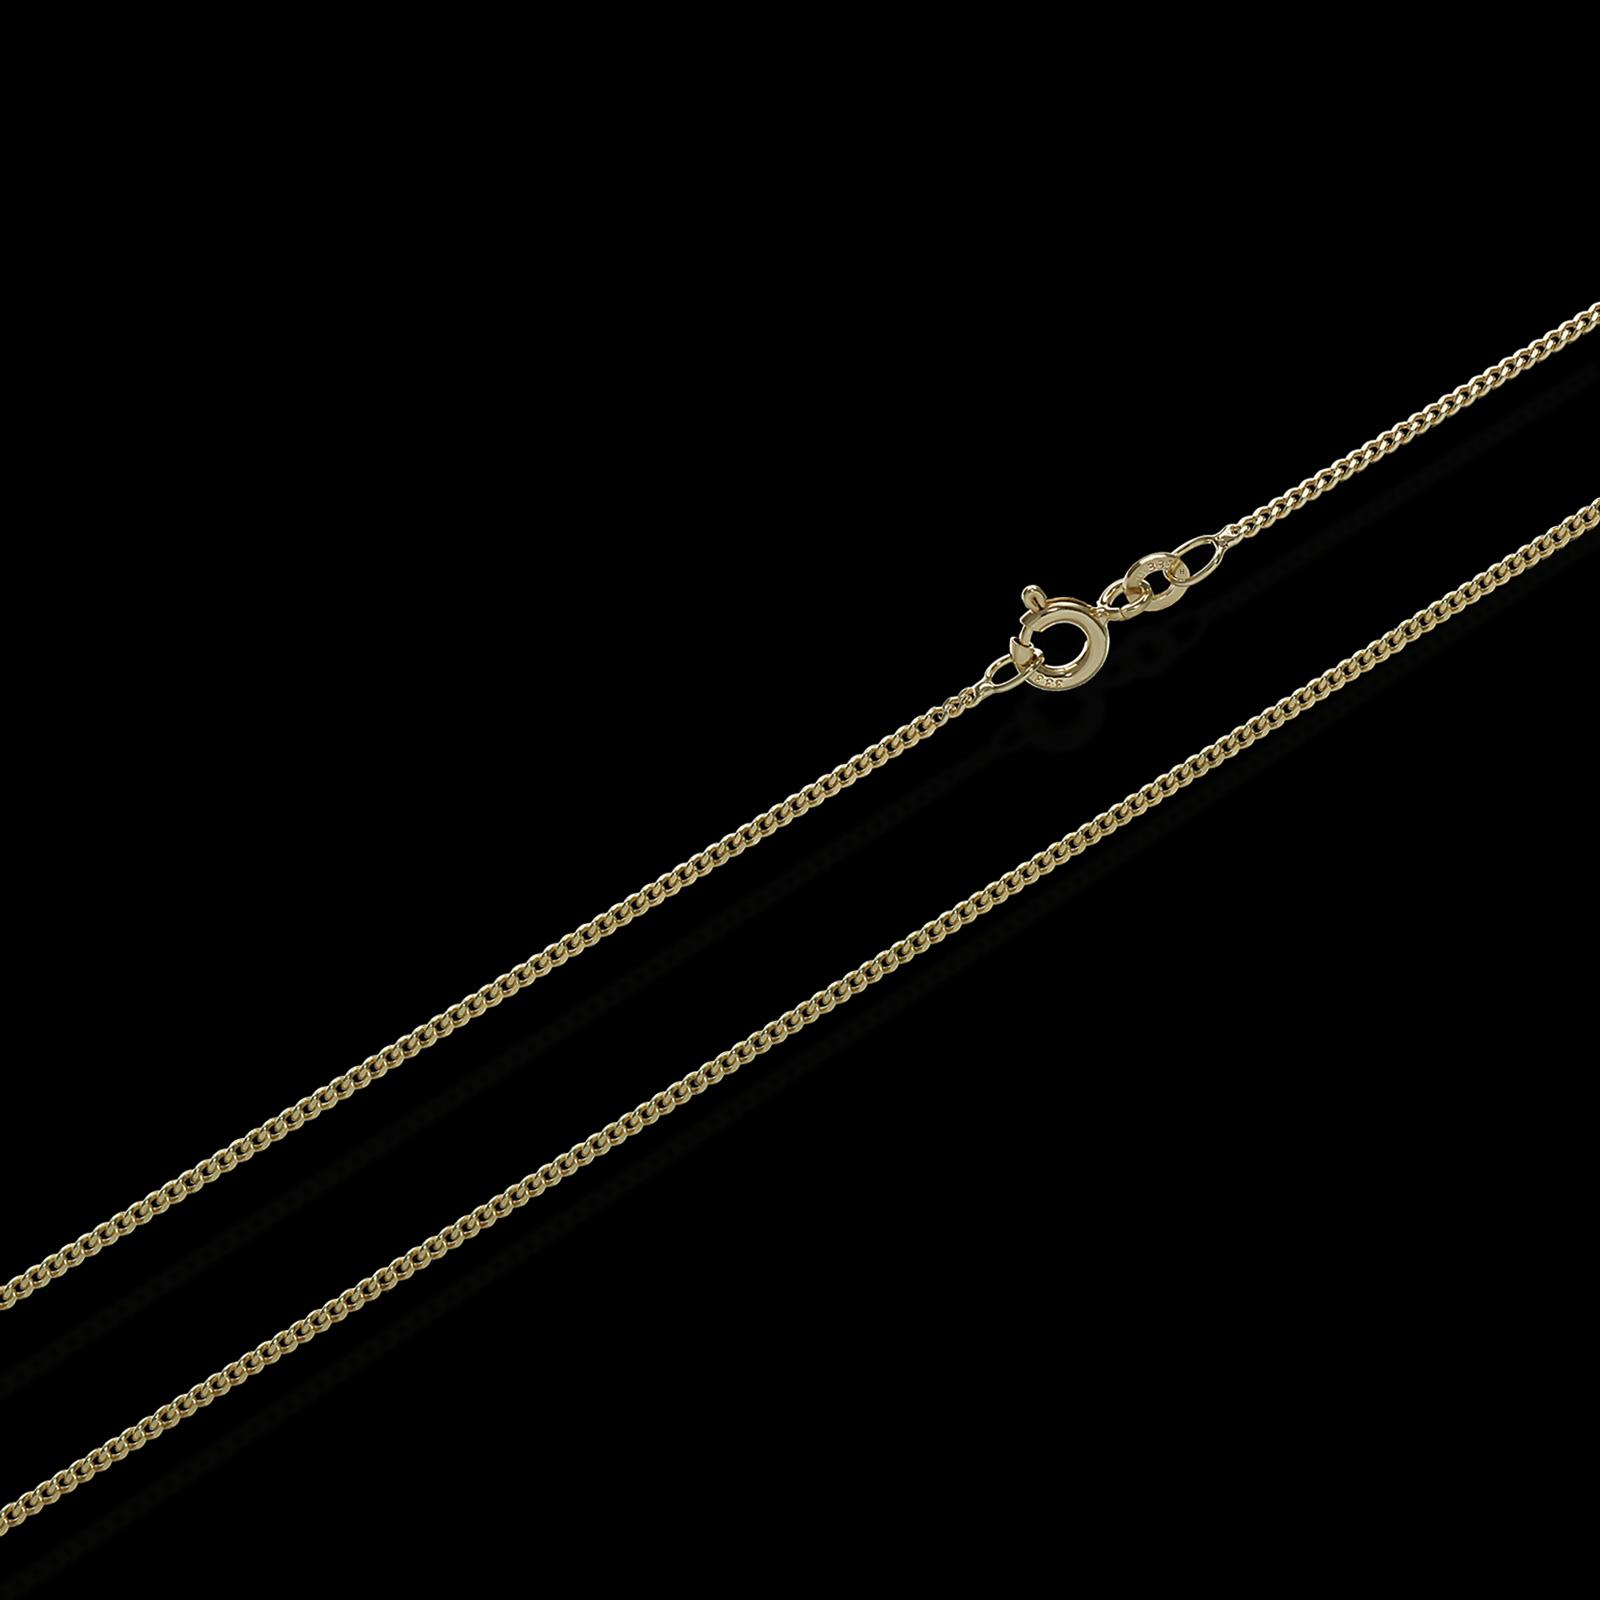 echt 333 585 750er gold kette panzerkette gold halskette. Black Bedroom Furniture Sets. Home Design Ideas